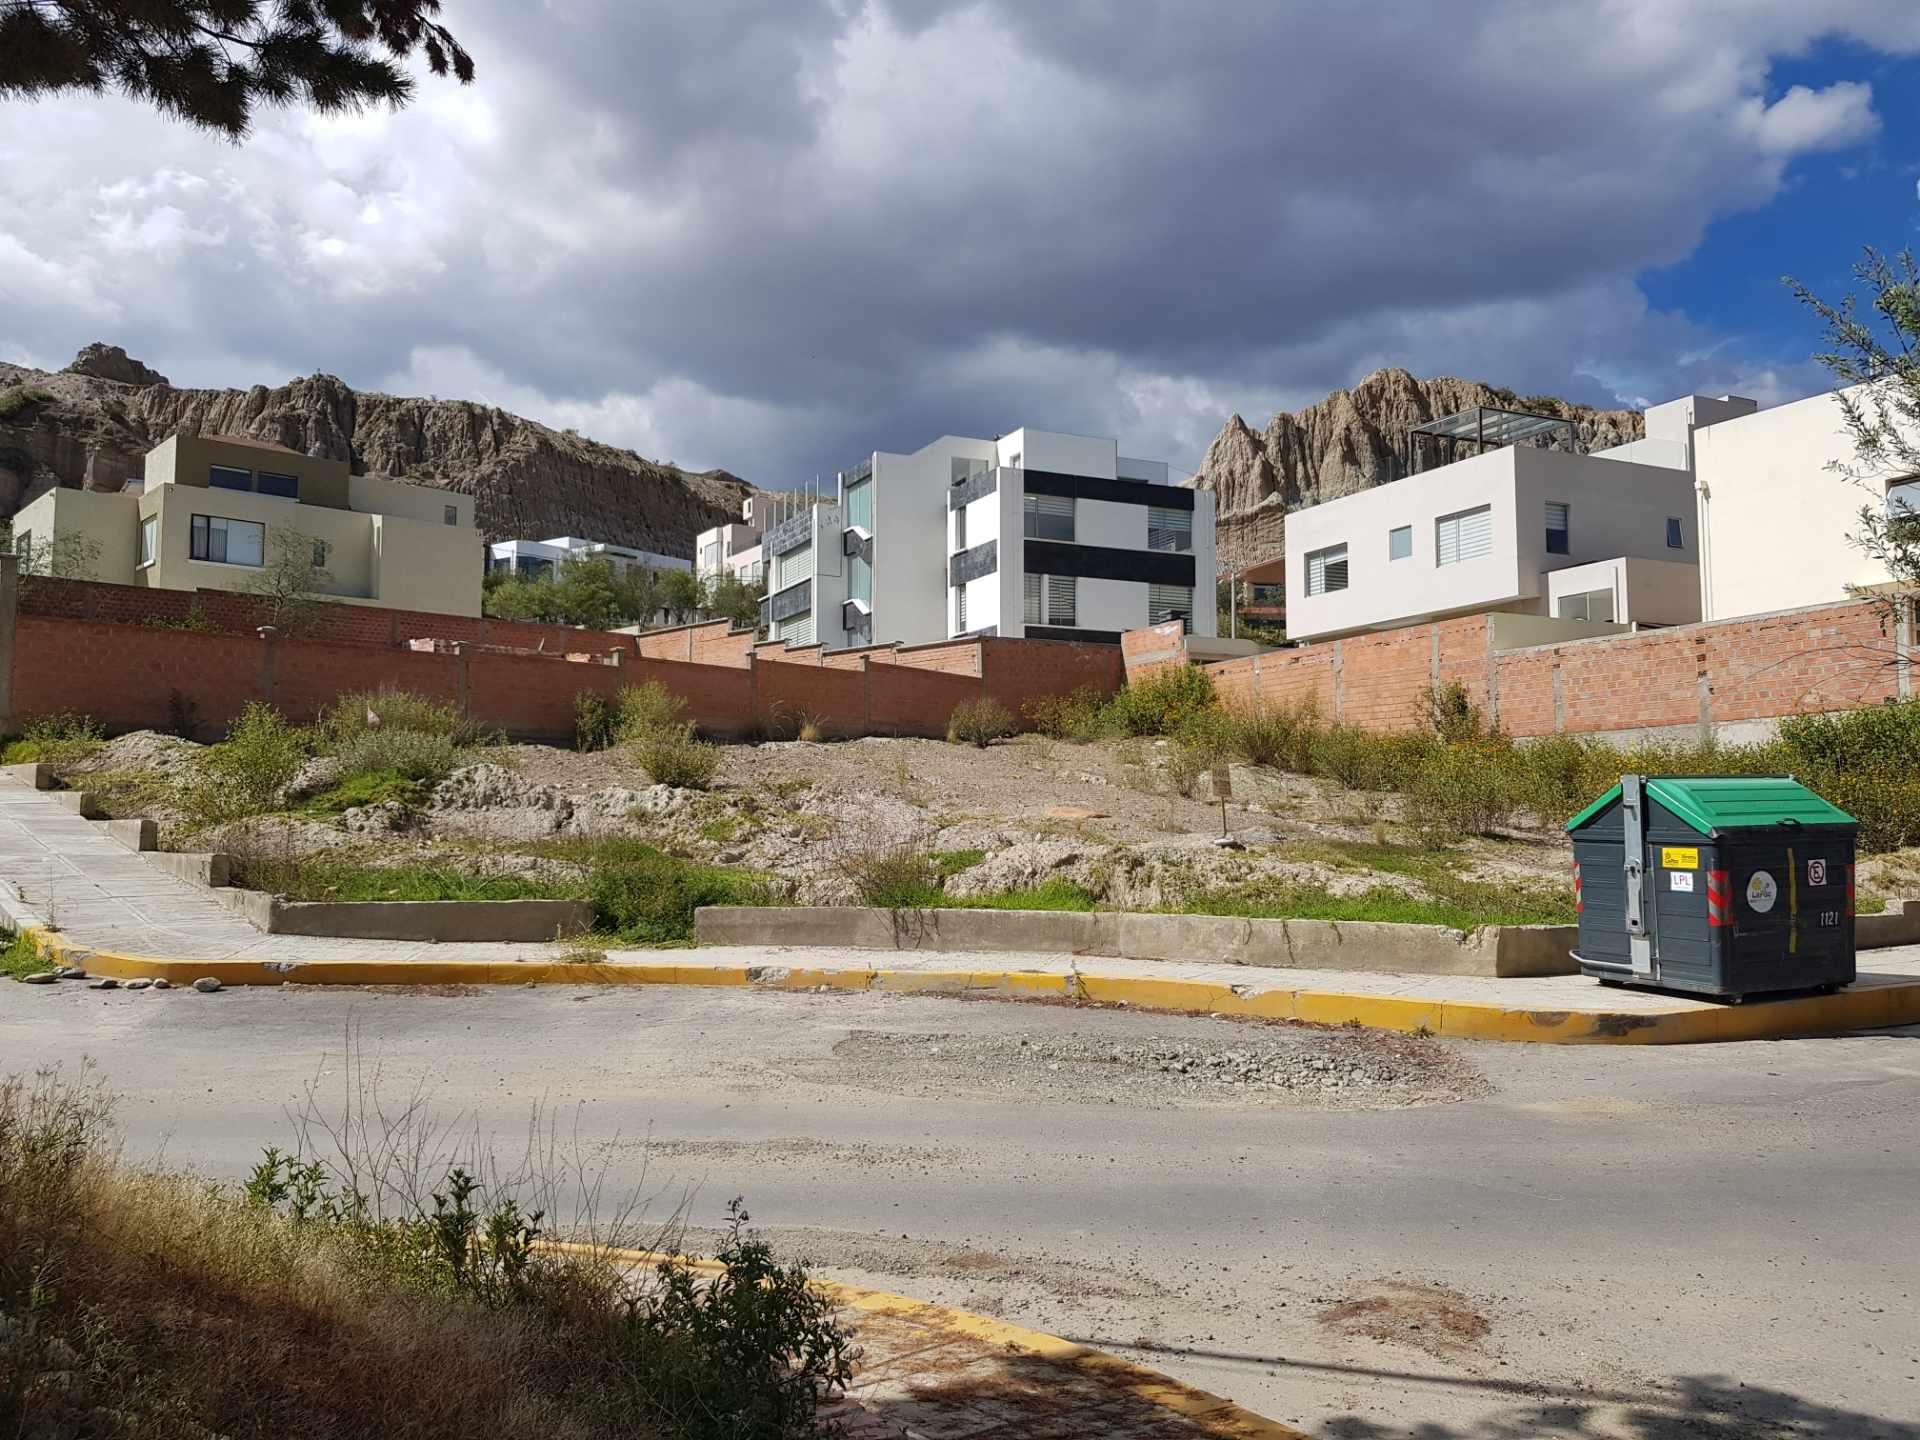 Terreno en Venta Mallasilla urbanización Valle del Sol Foto 1